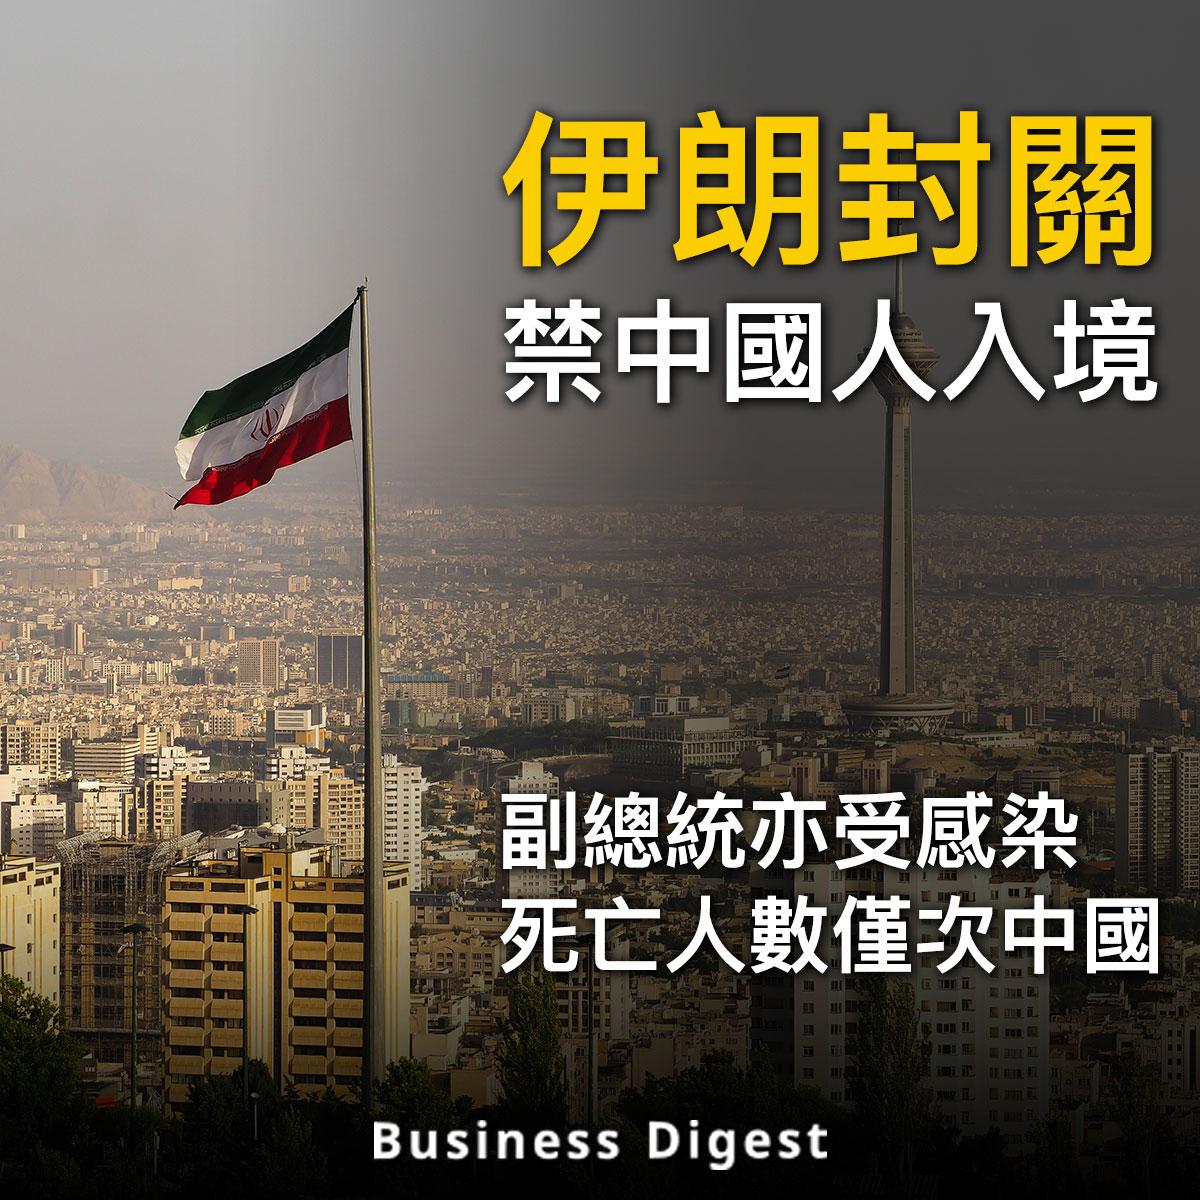 【武漢肺炎】伊朗封關禁中國人入境,副總統亦確診